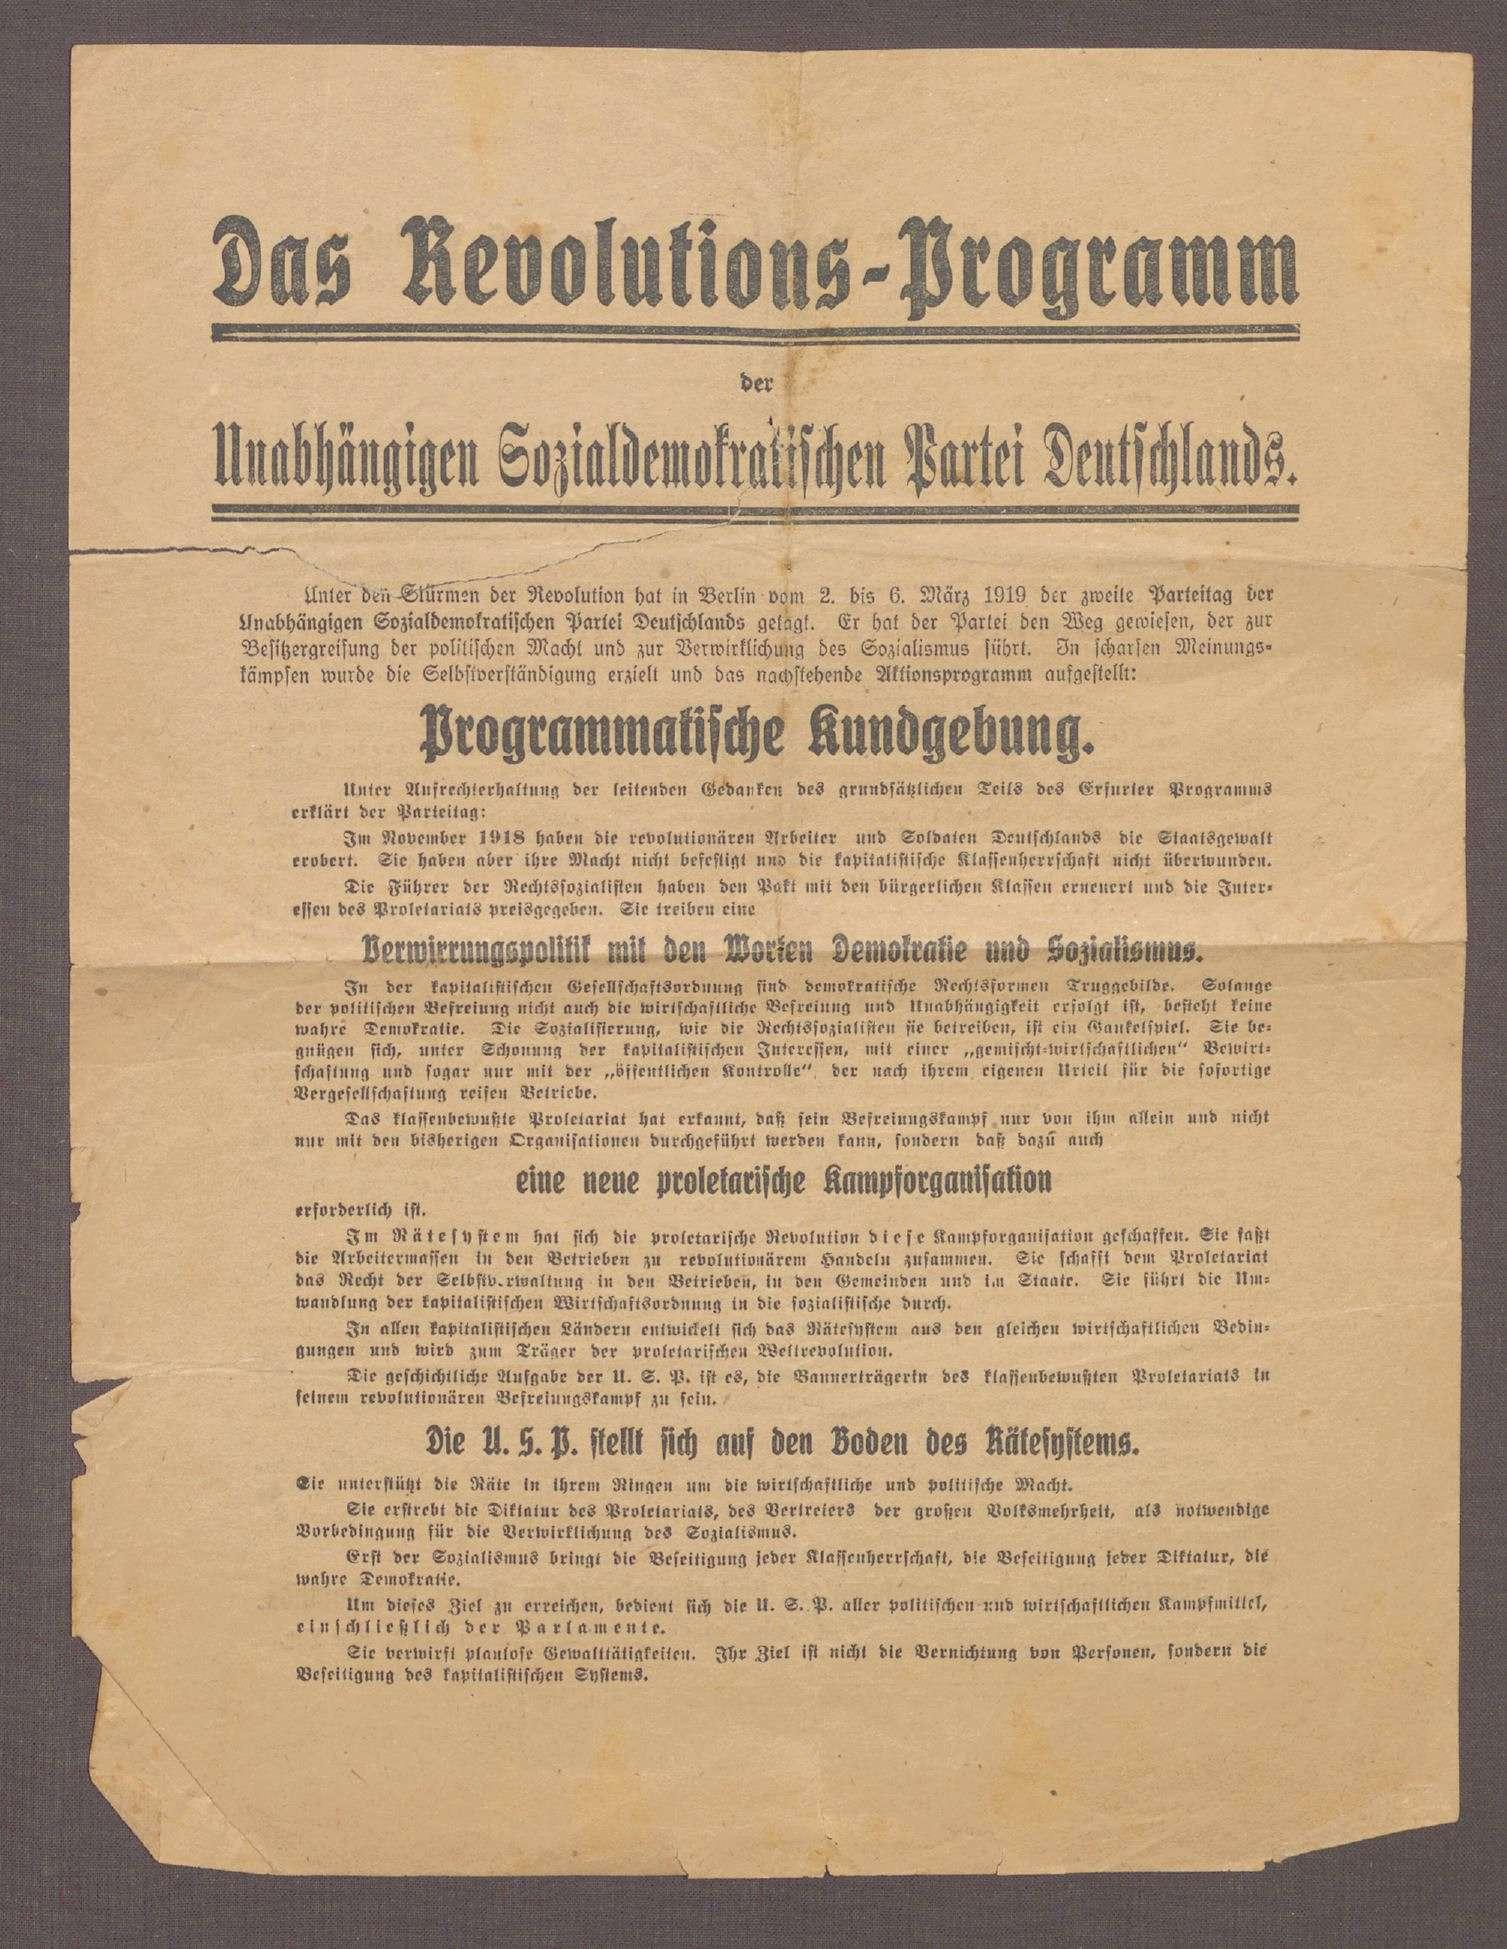 """""""Das Revolutions-Programm der Unabhängigen Sozialdemokratischen Partei Deutschlands"""", Bild 1"""